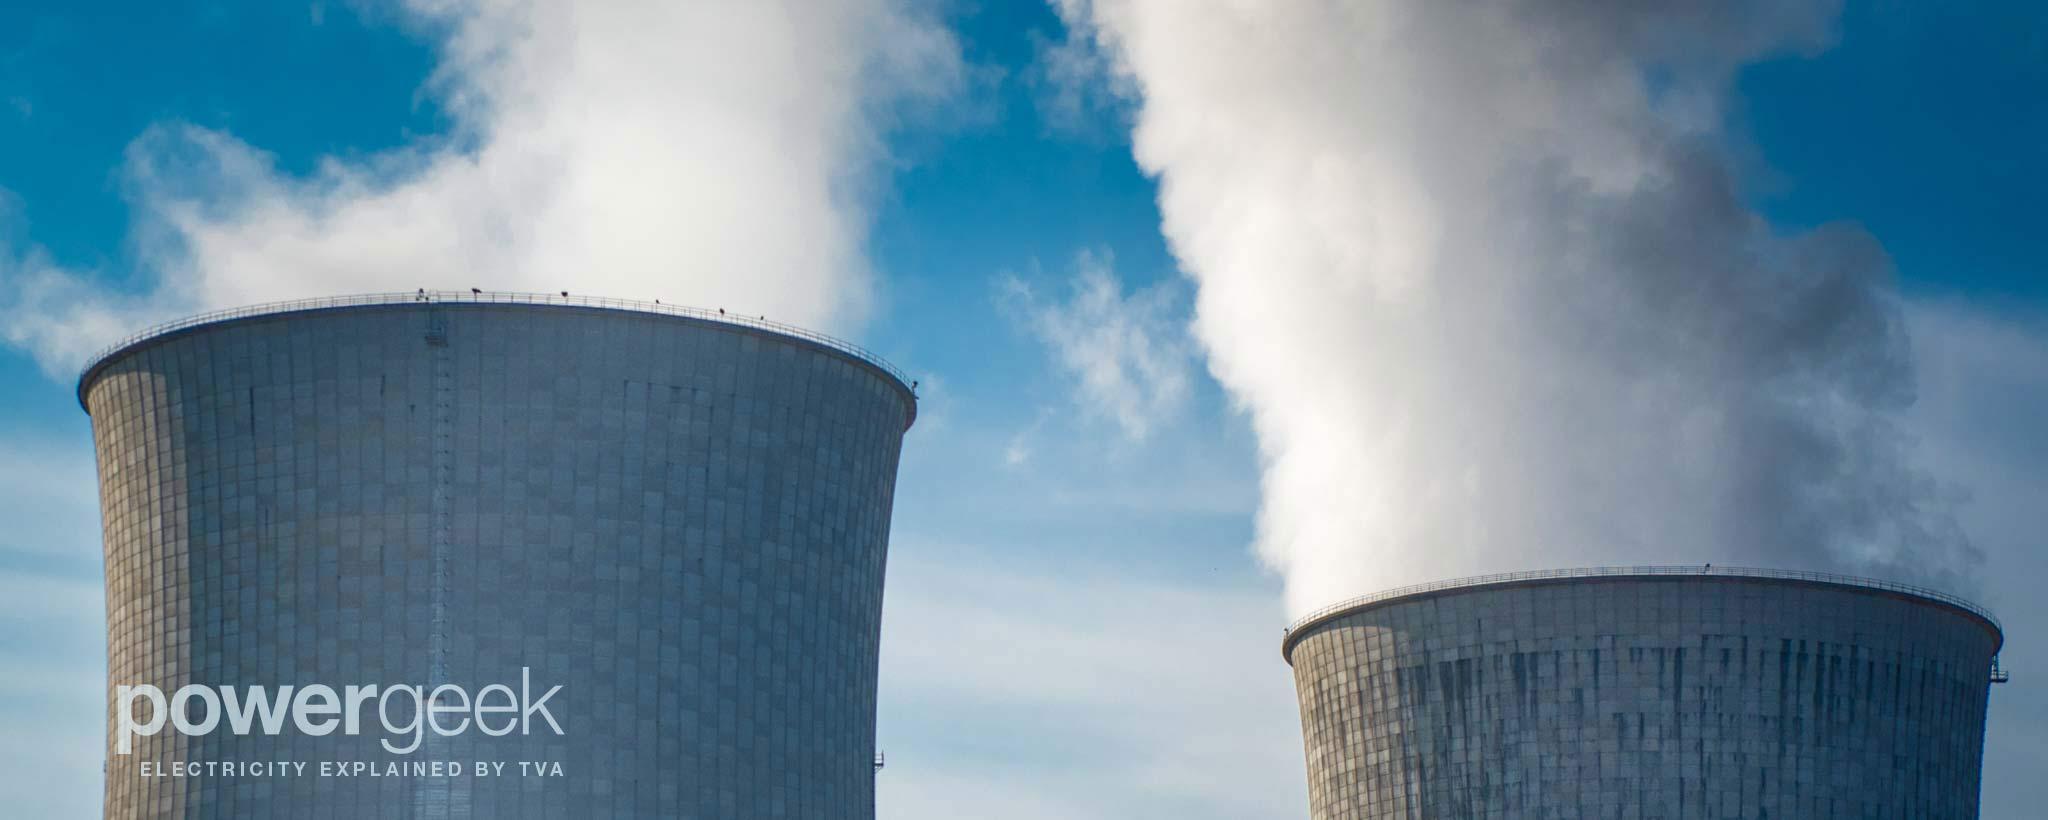 PowerGeek Cooling Towers